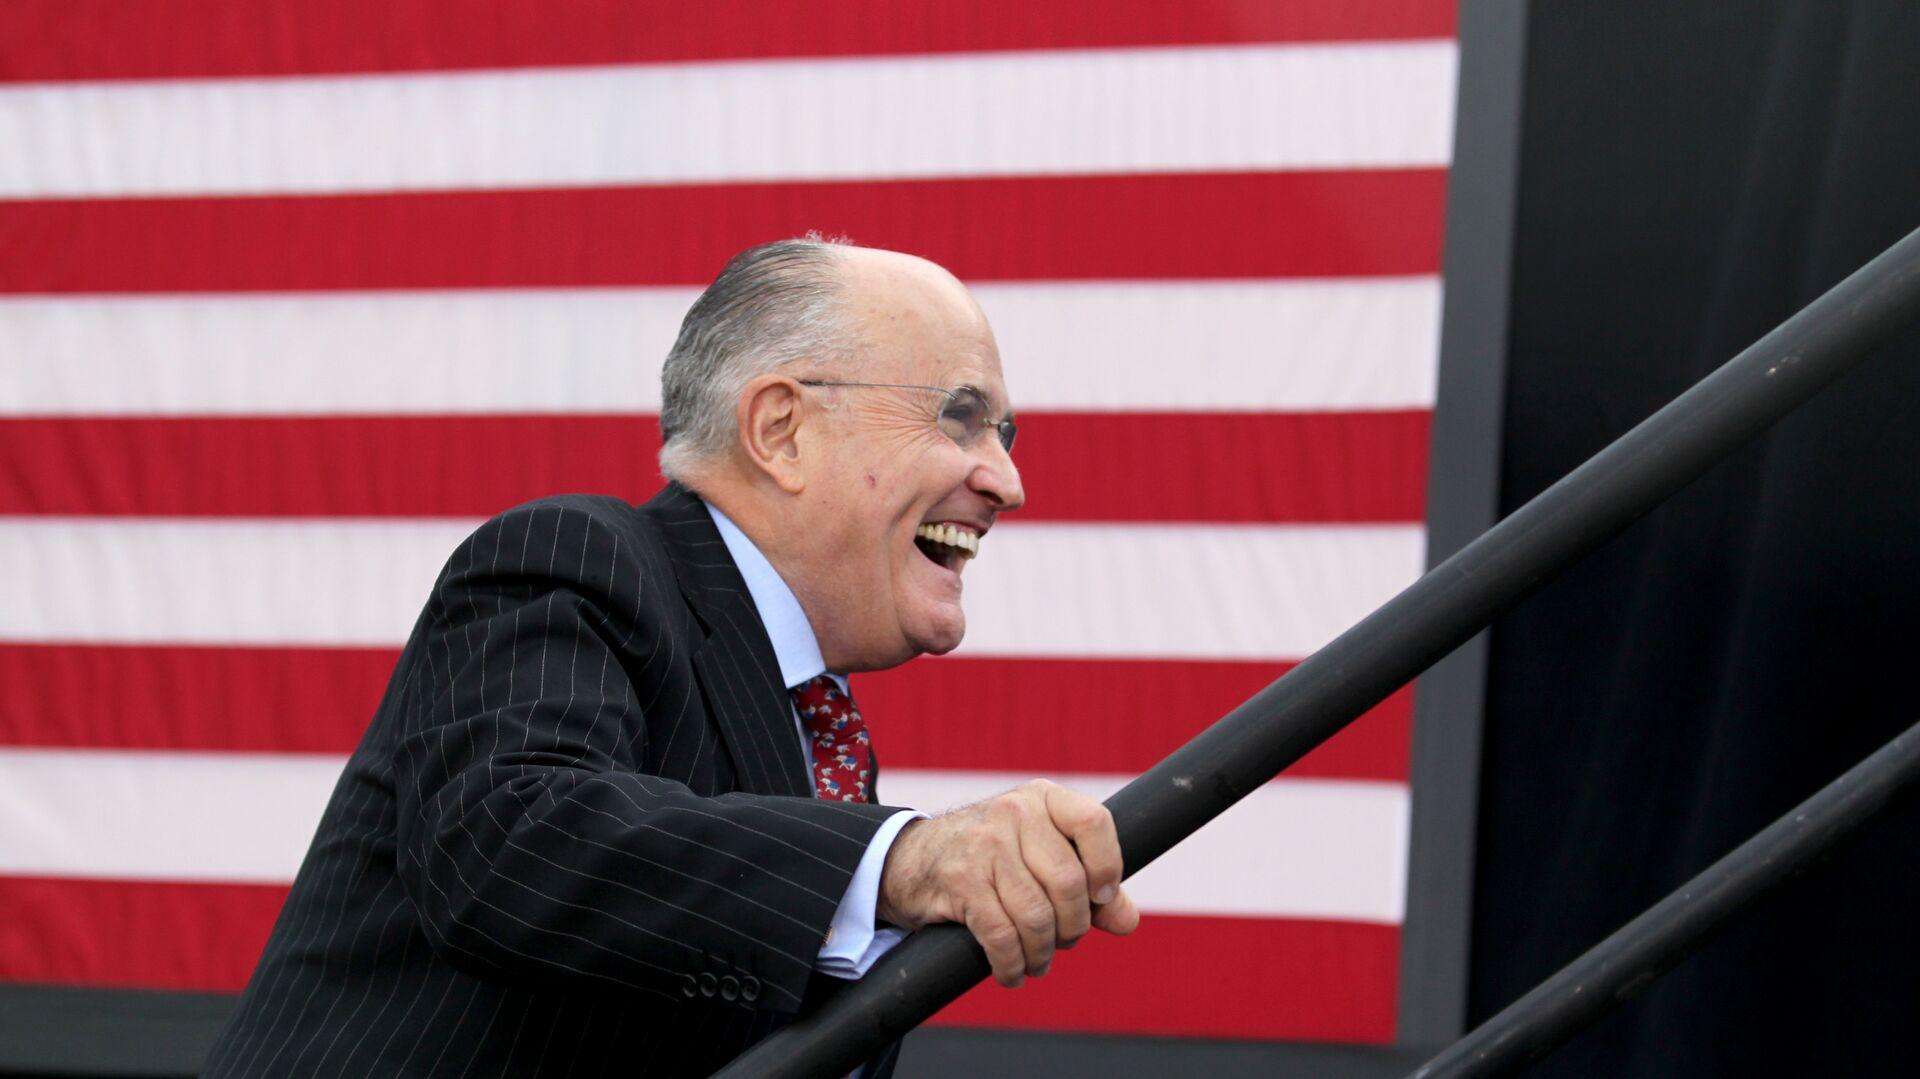 Rudolph Giuliani, el exalcalde de la ciudad y abogado del expresidente Donald Trump (2017-2021) - Sputnik Mundo, 1920, 28.04.2021